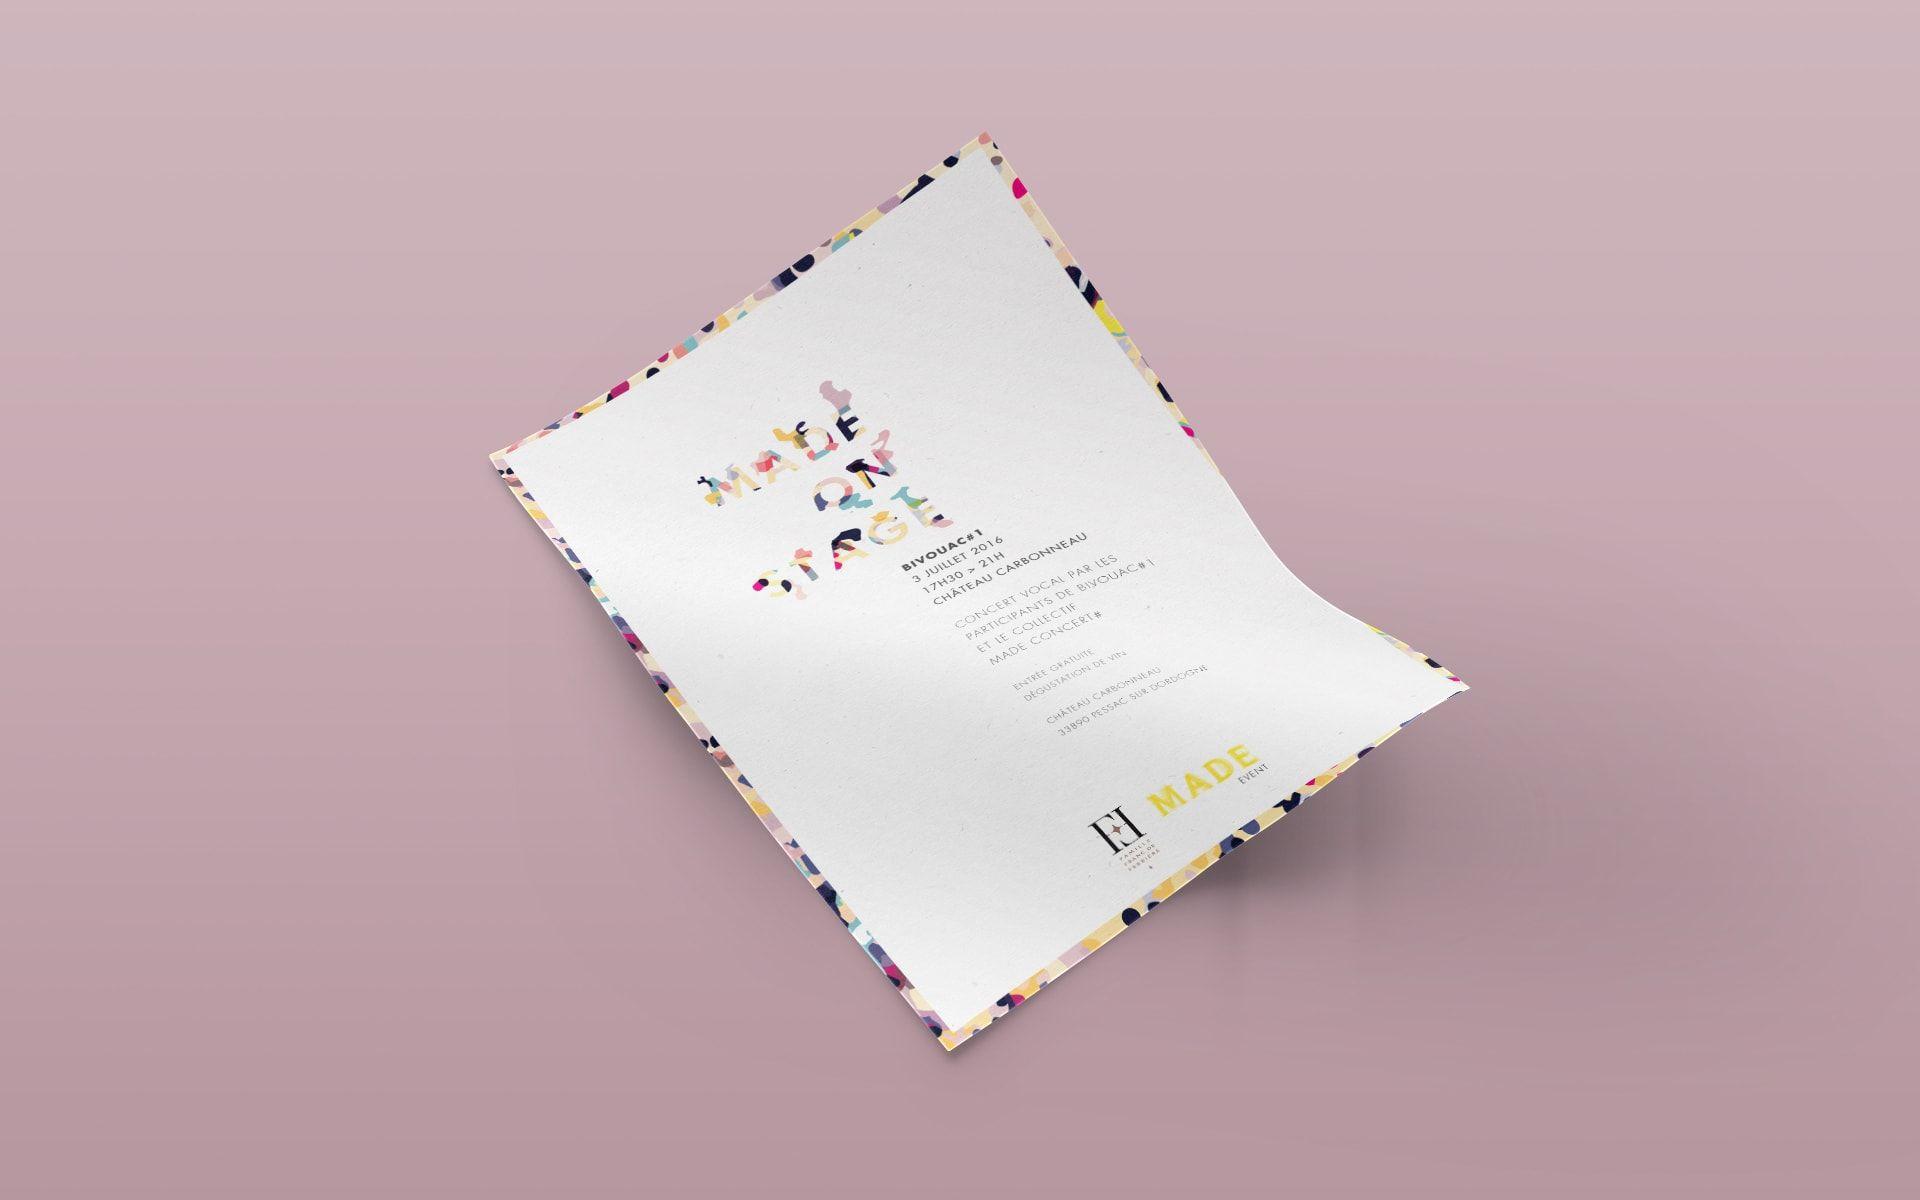 """Made School / Réalisation d'une affiche pour l'évènement Made, """"Made On Stage / Bivouac#1"""". Made est une école nomade de création et d'épanouissement artistique / www.nest-com.com"""